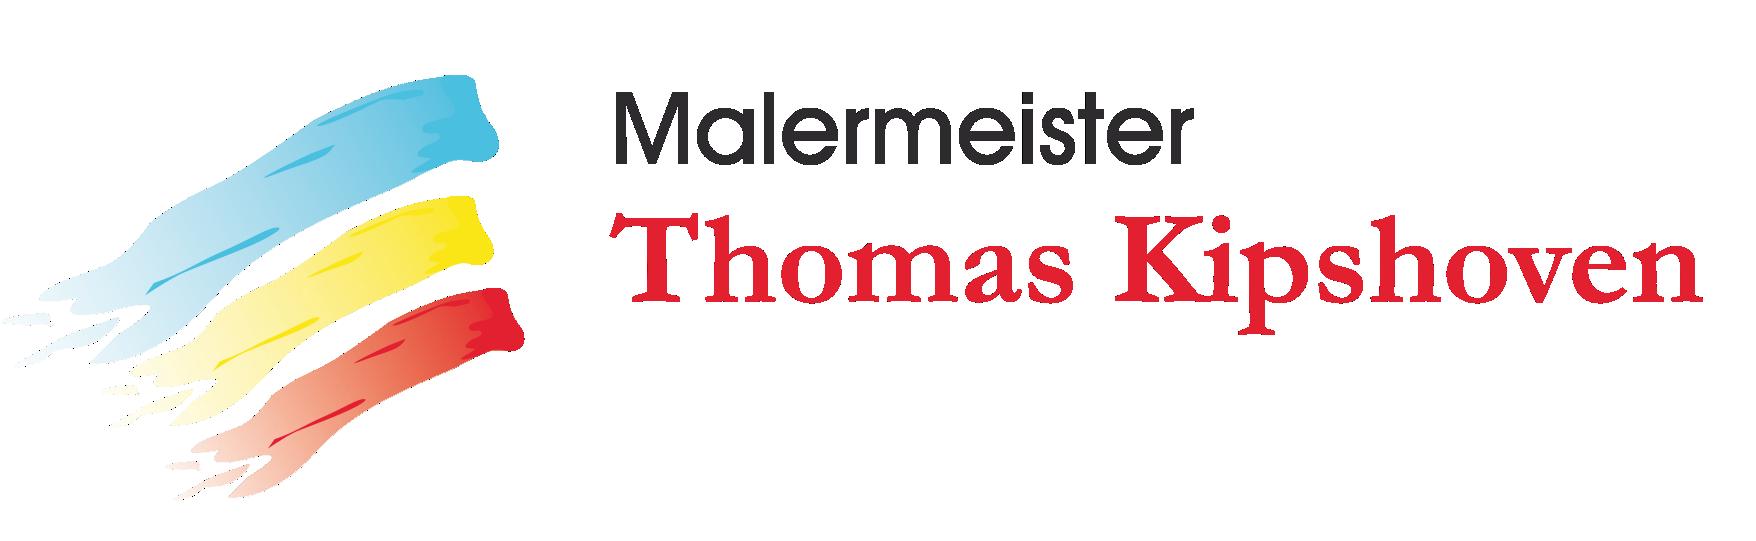 Malermeister Thomas Kipshoven